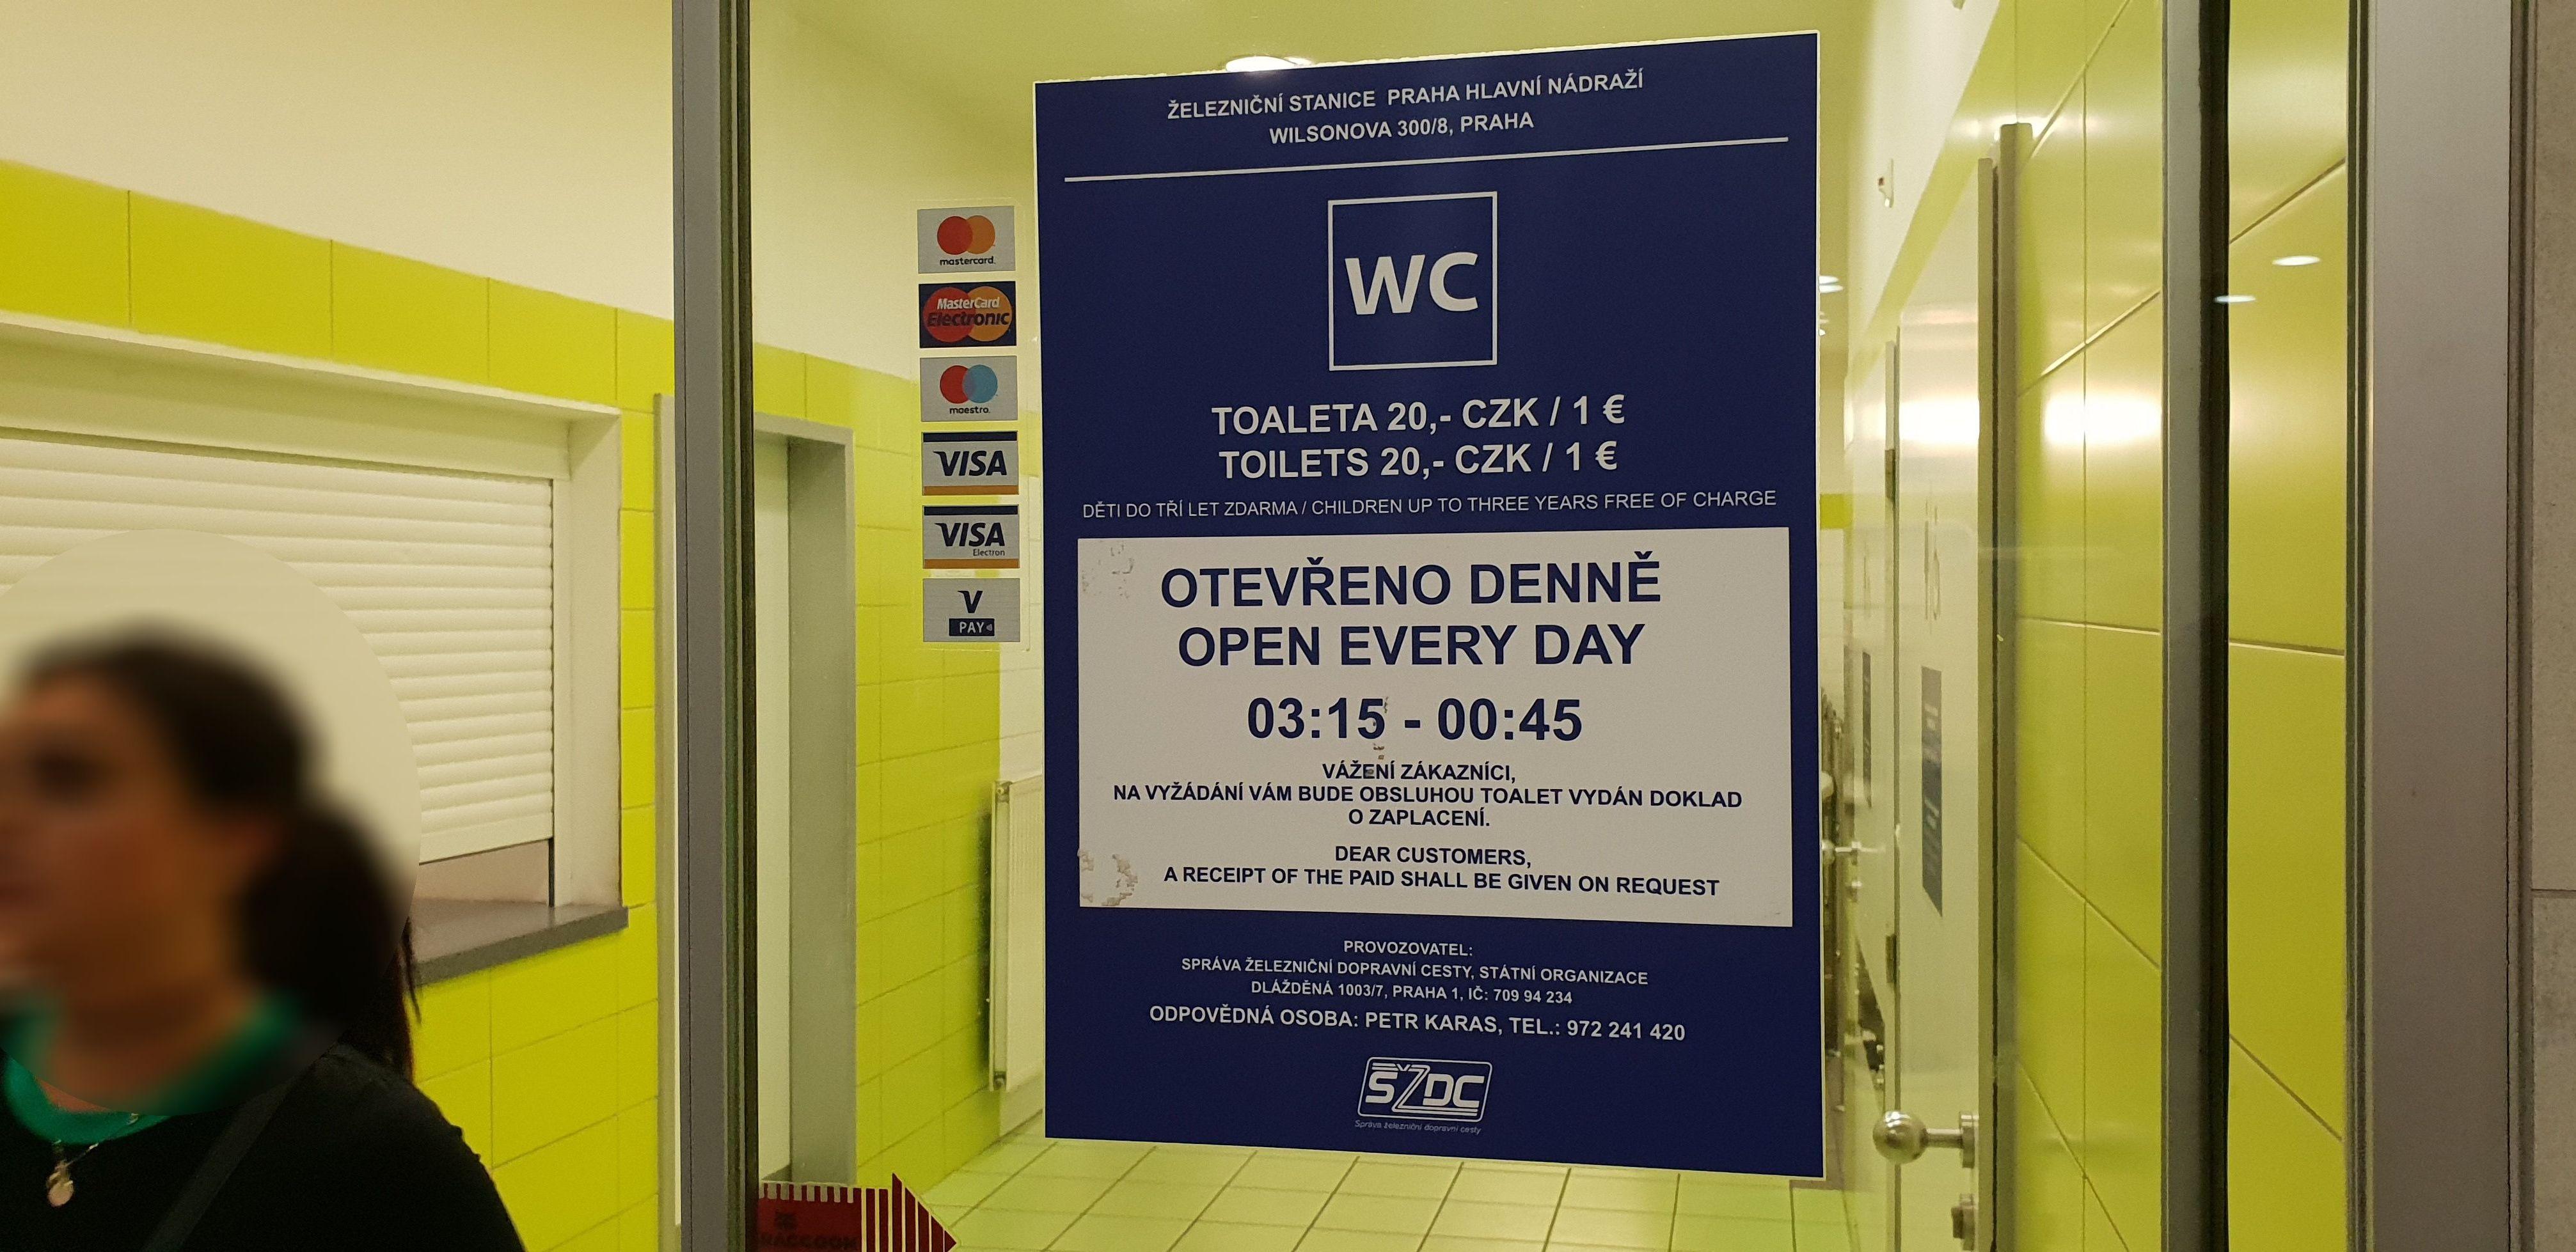 Obrázek 2. Cena za WC v Praze na Hl. nádraží